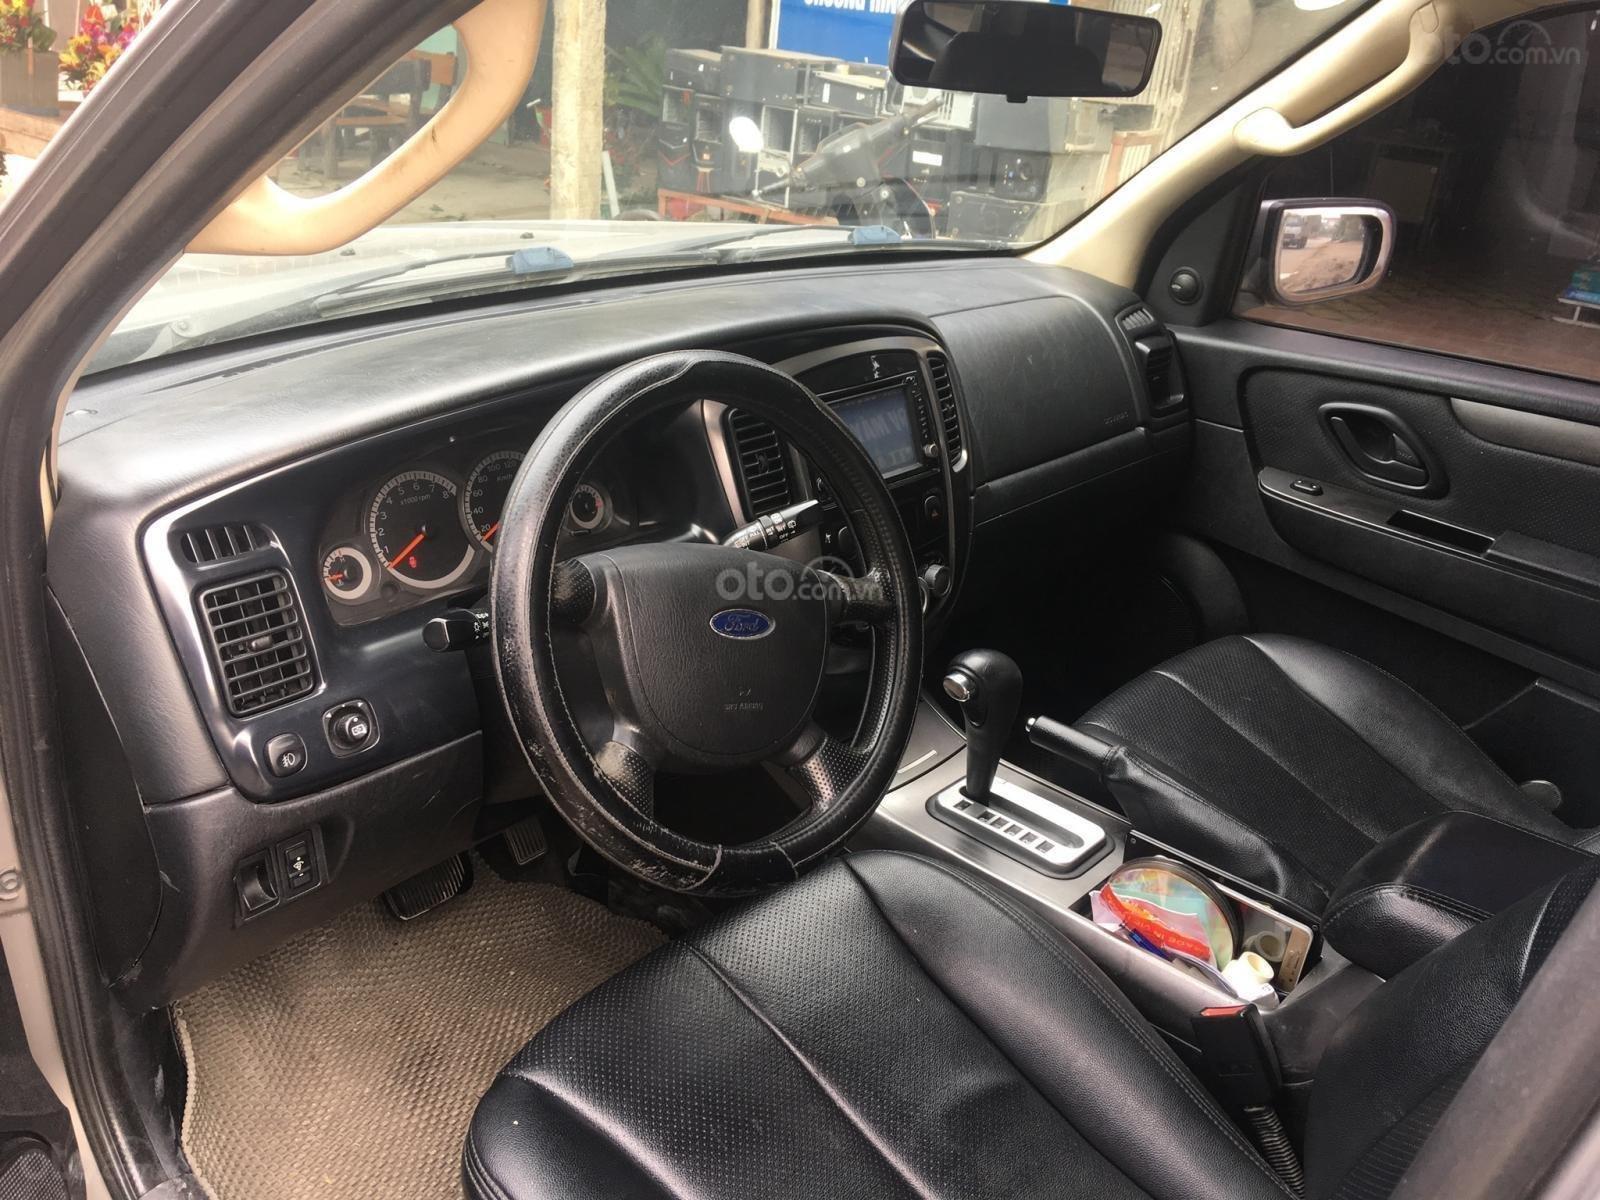 Chính chủ cần bán chiếc xe Ford Escape 2009, màu xám, giá thương thượng (5)